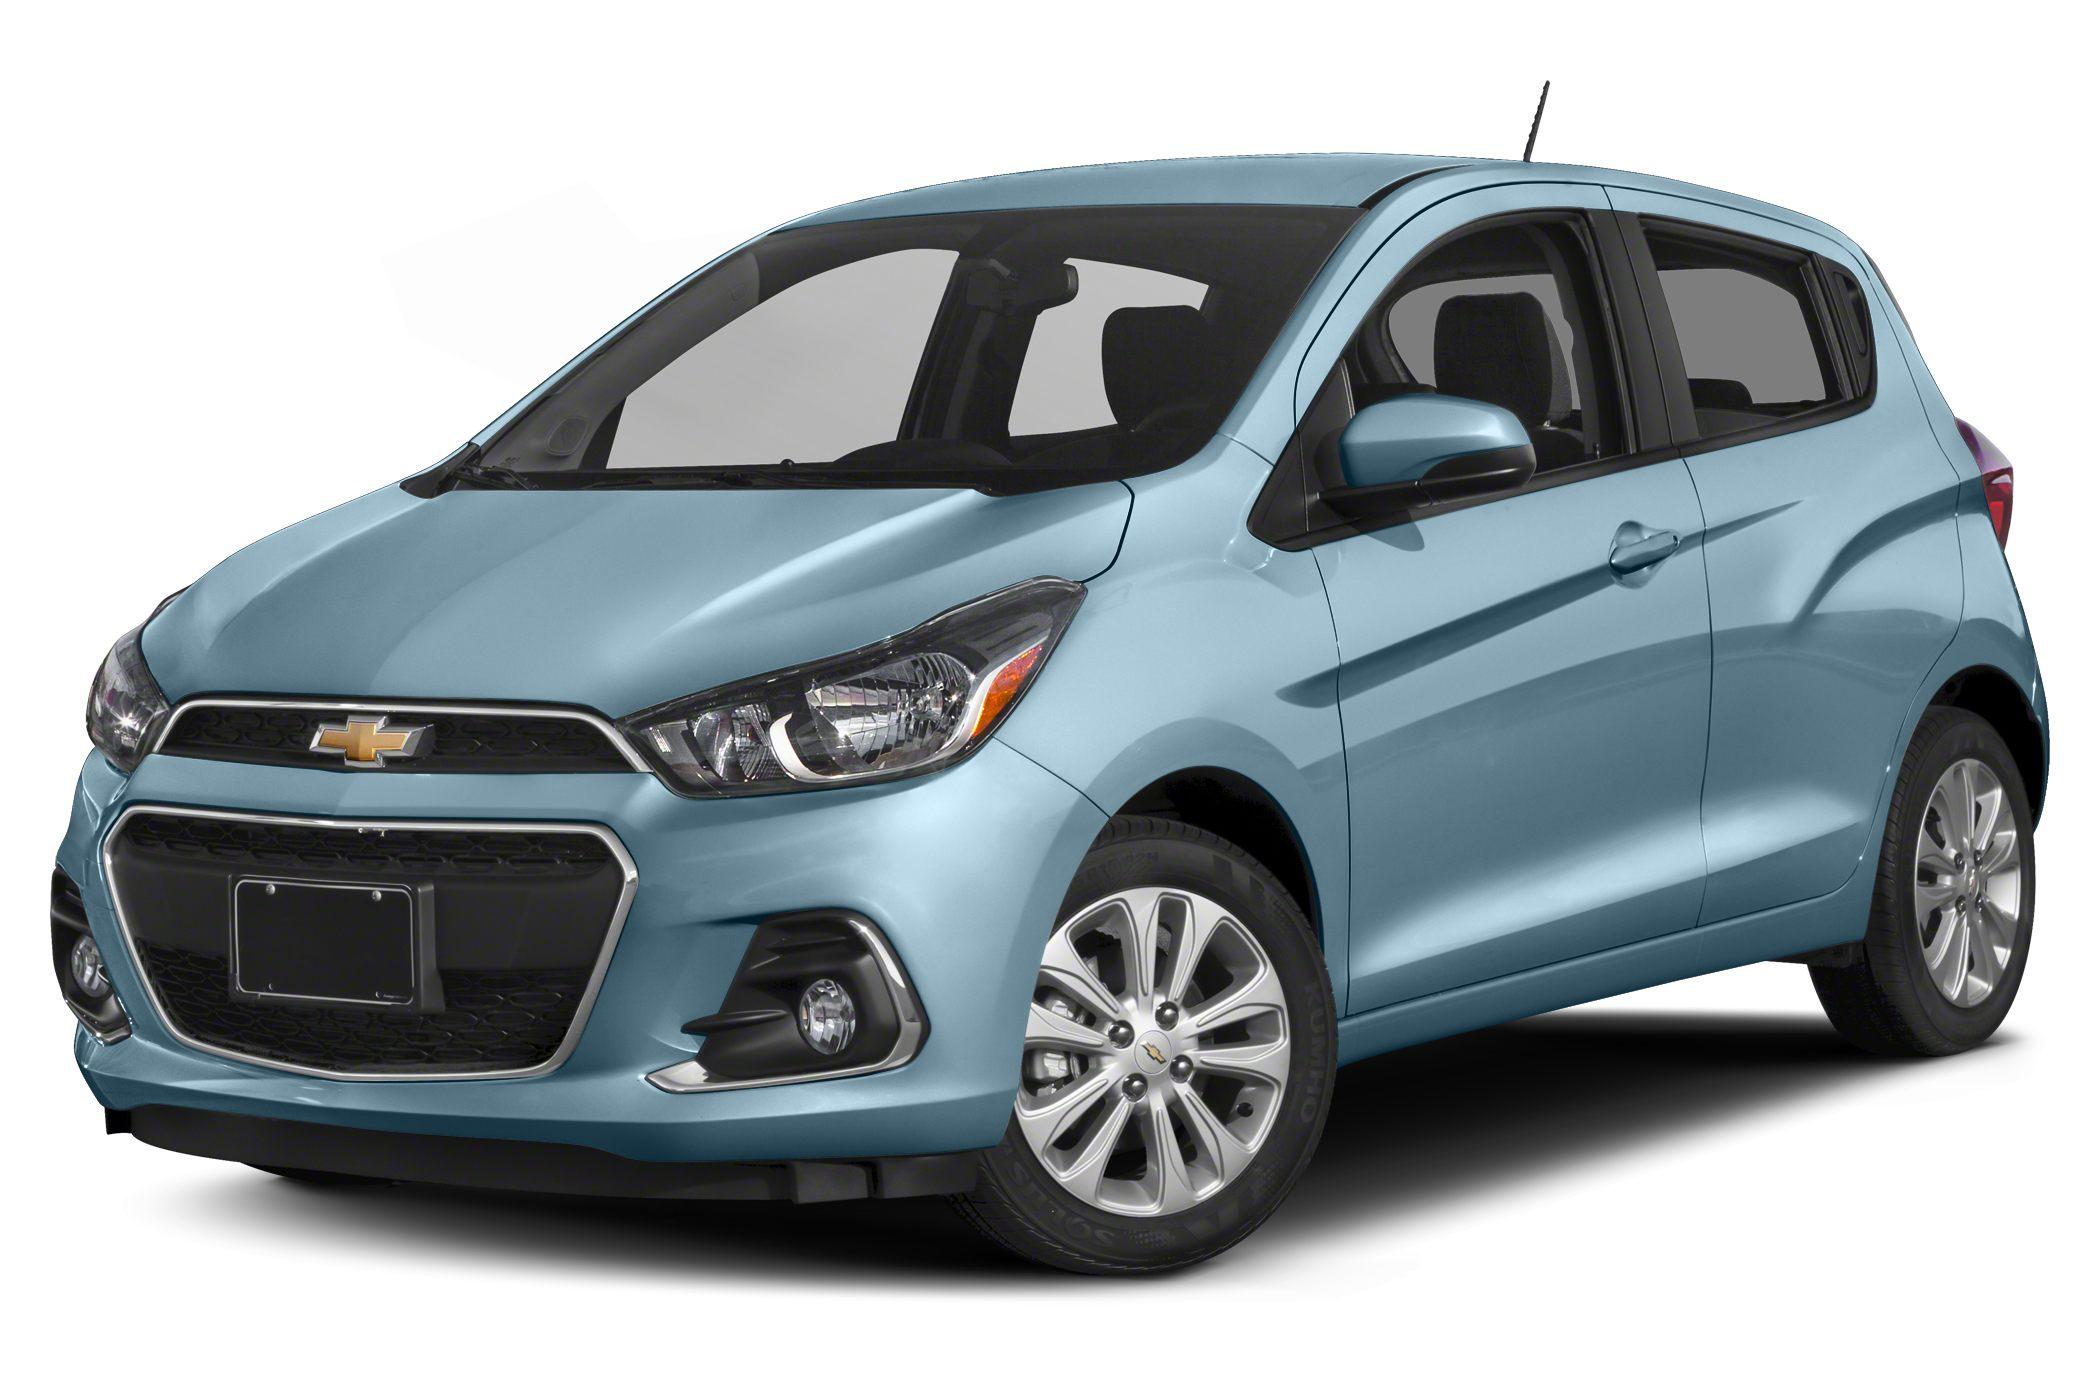 Kelebihan Chevrolet Spark 2018 Perbandingan Harga